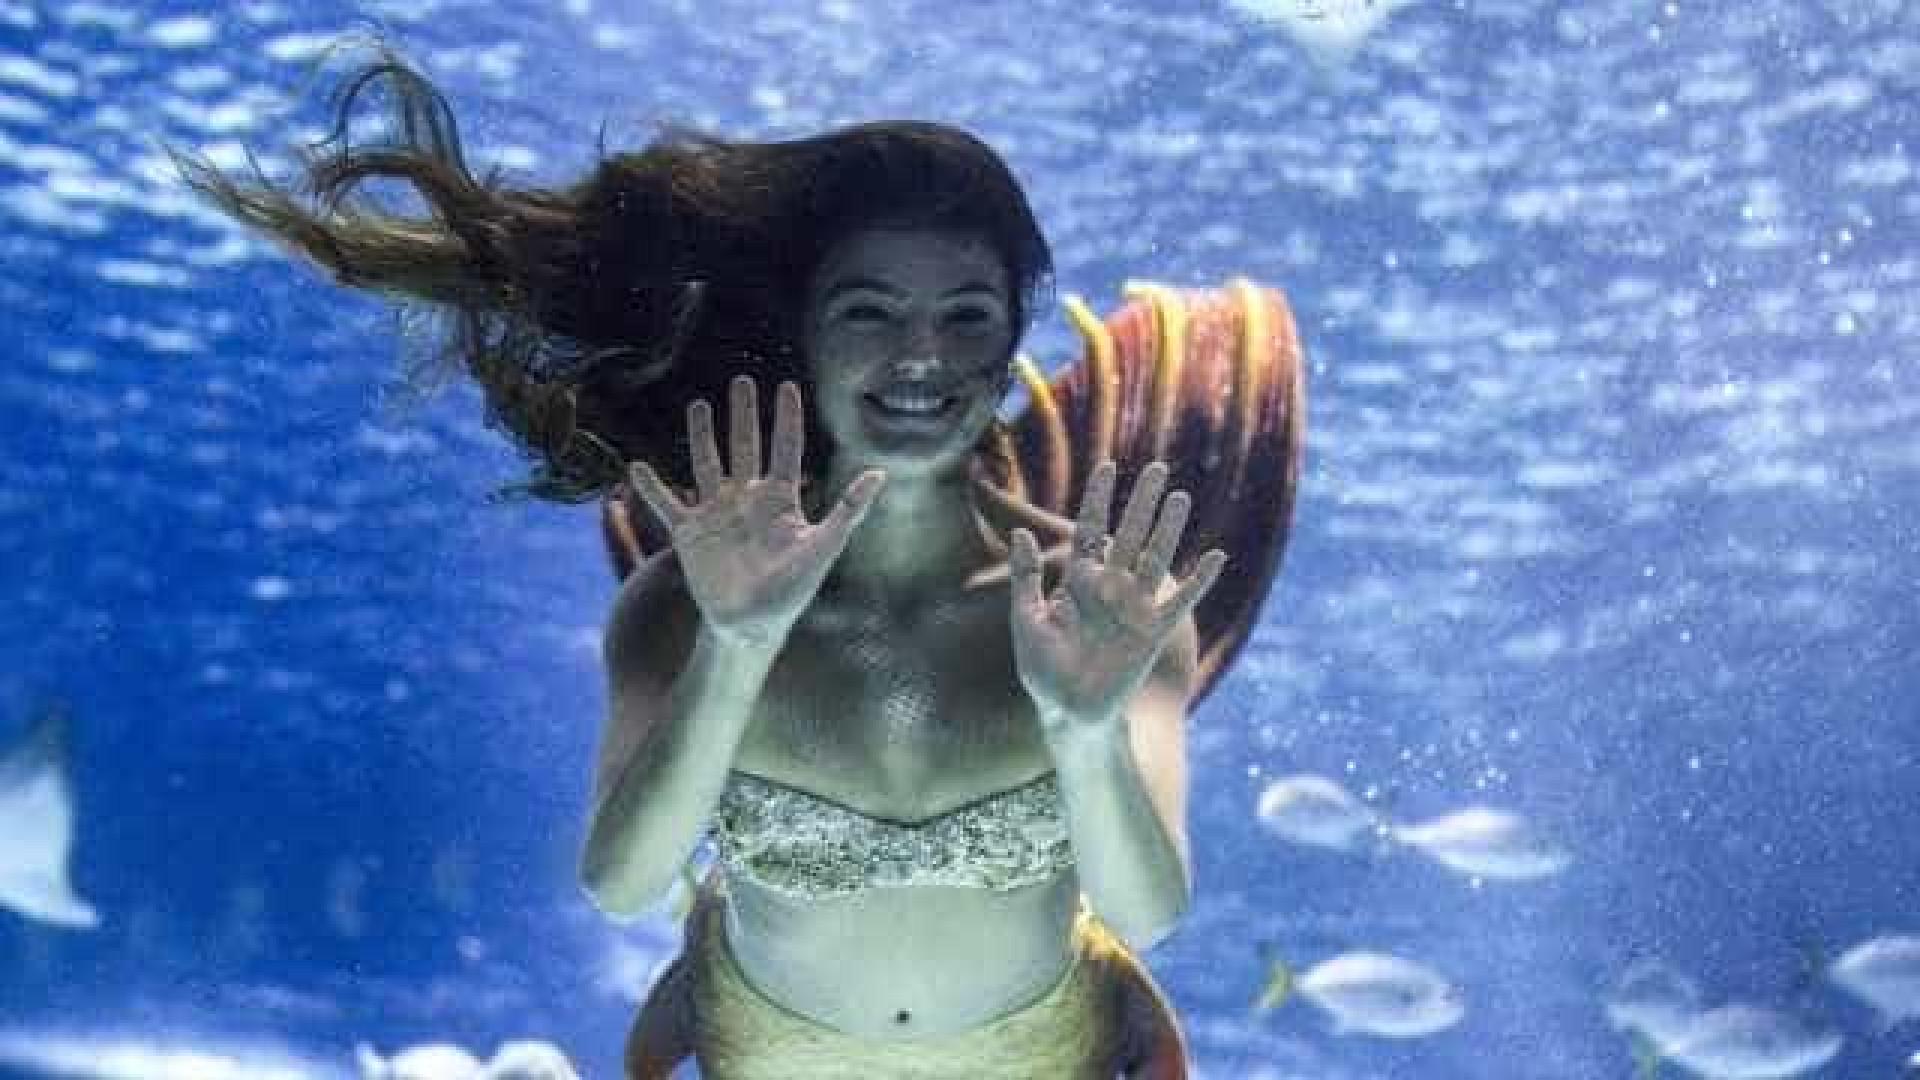 Isis Valverde grava cenas como 'sereia' no AquaRio e diz temer tubarões